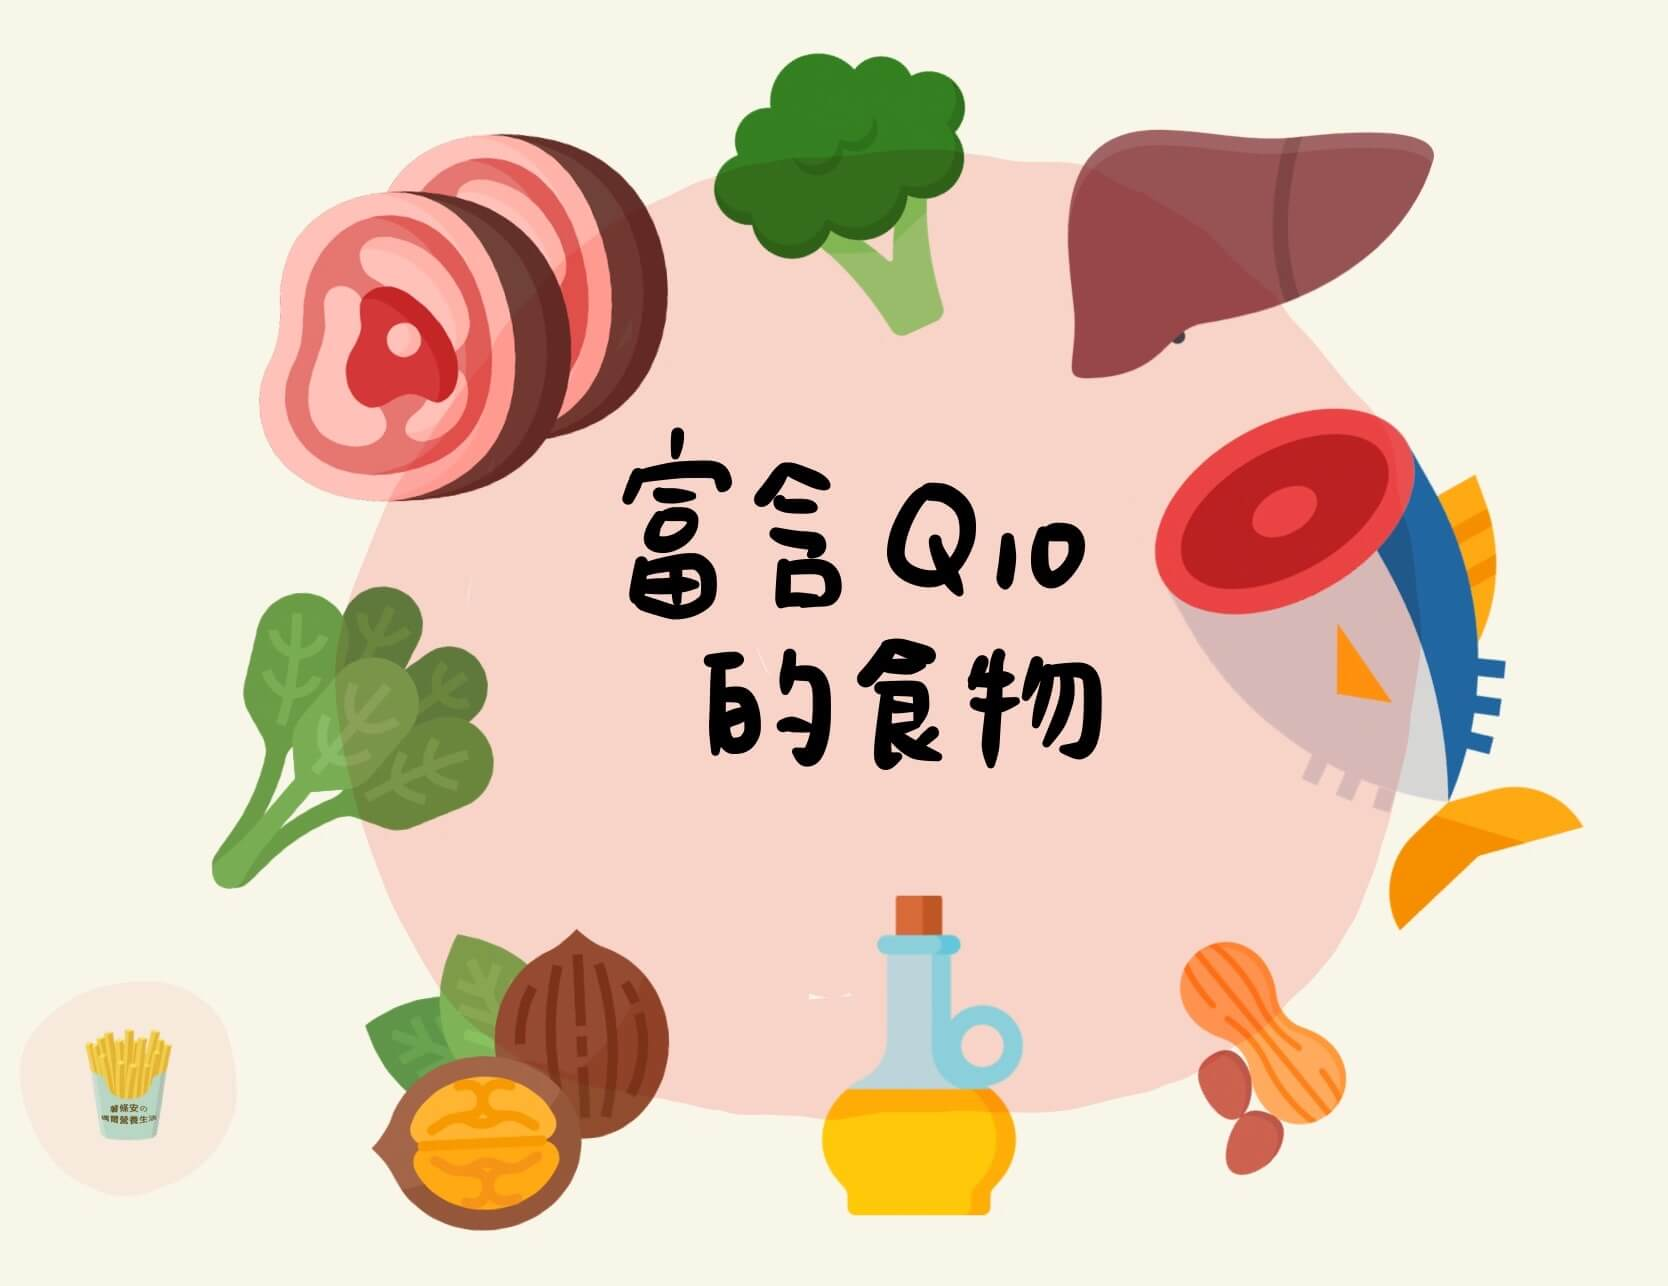 Q10天然食物